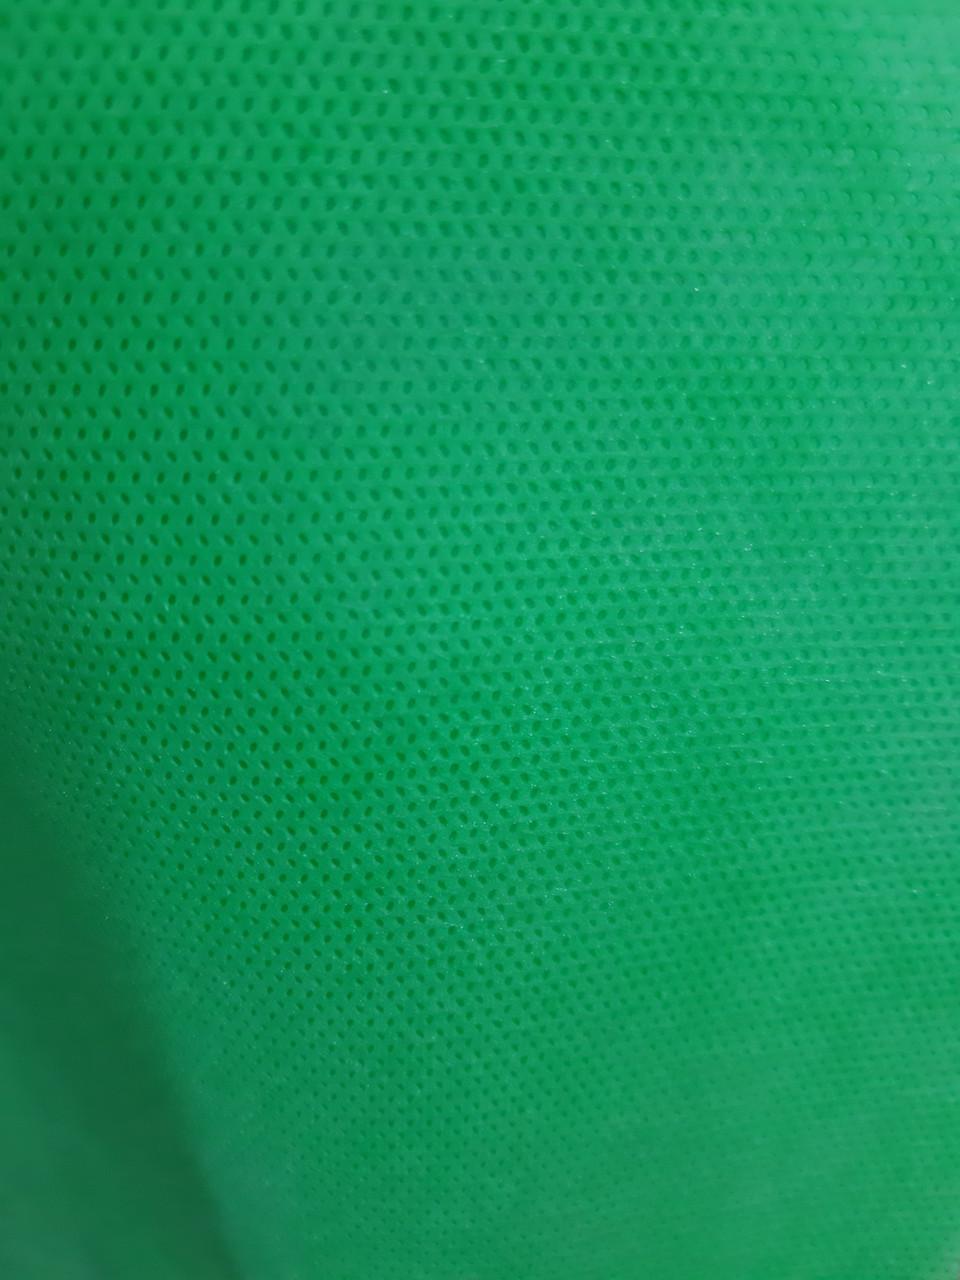 Спанбонд 60 г/м цв салатовый ширина 160см (рул 100м)